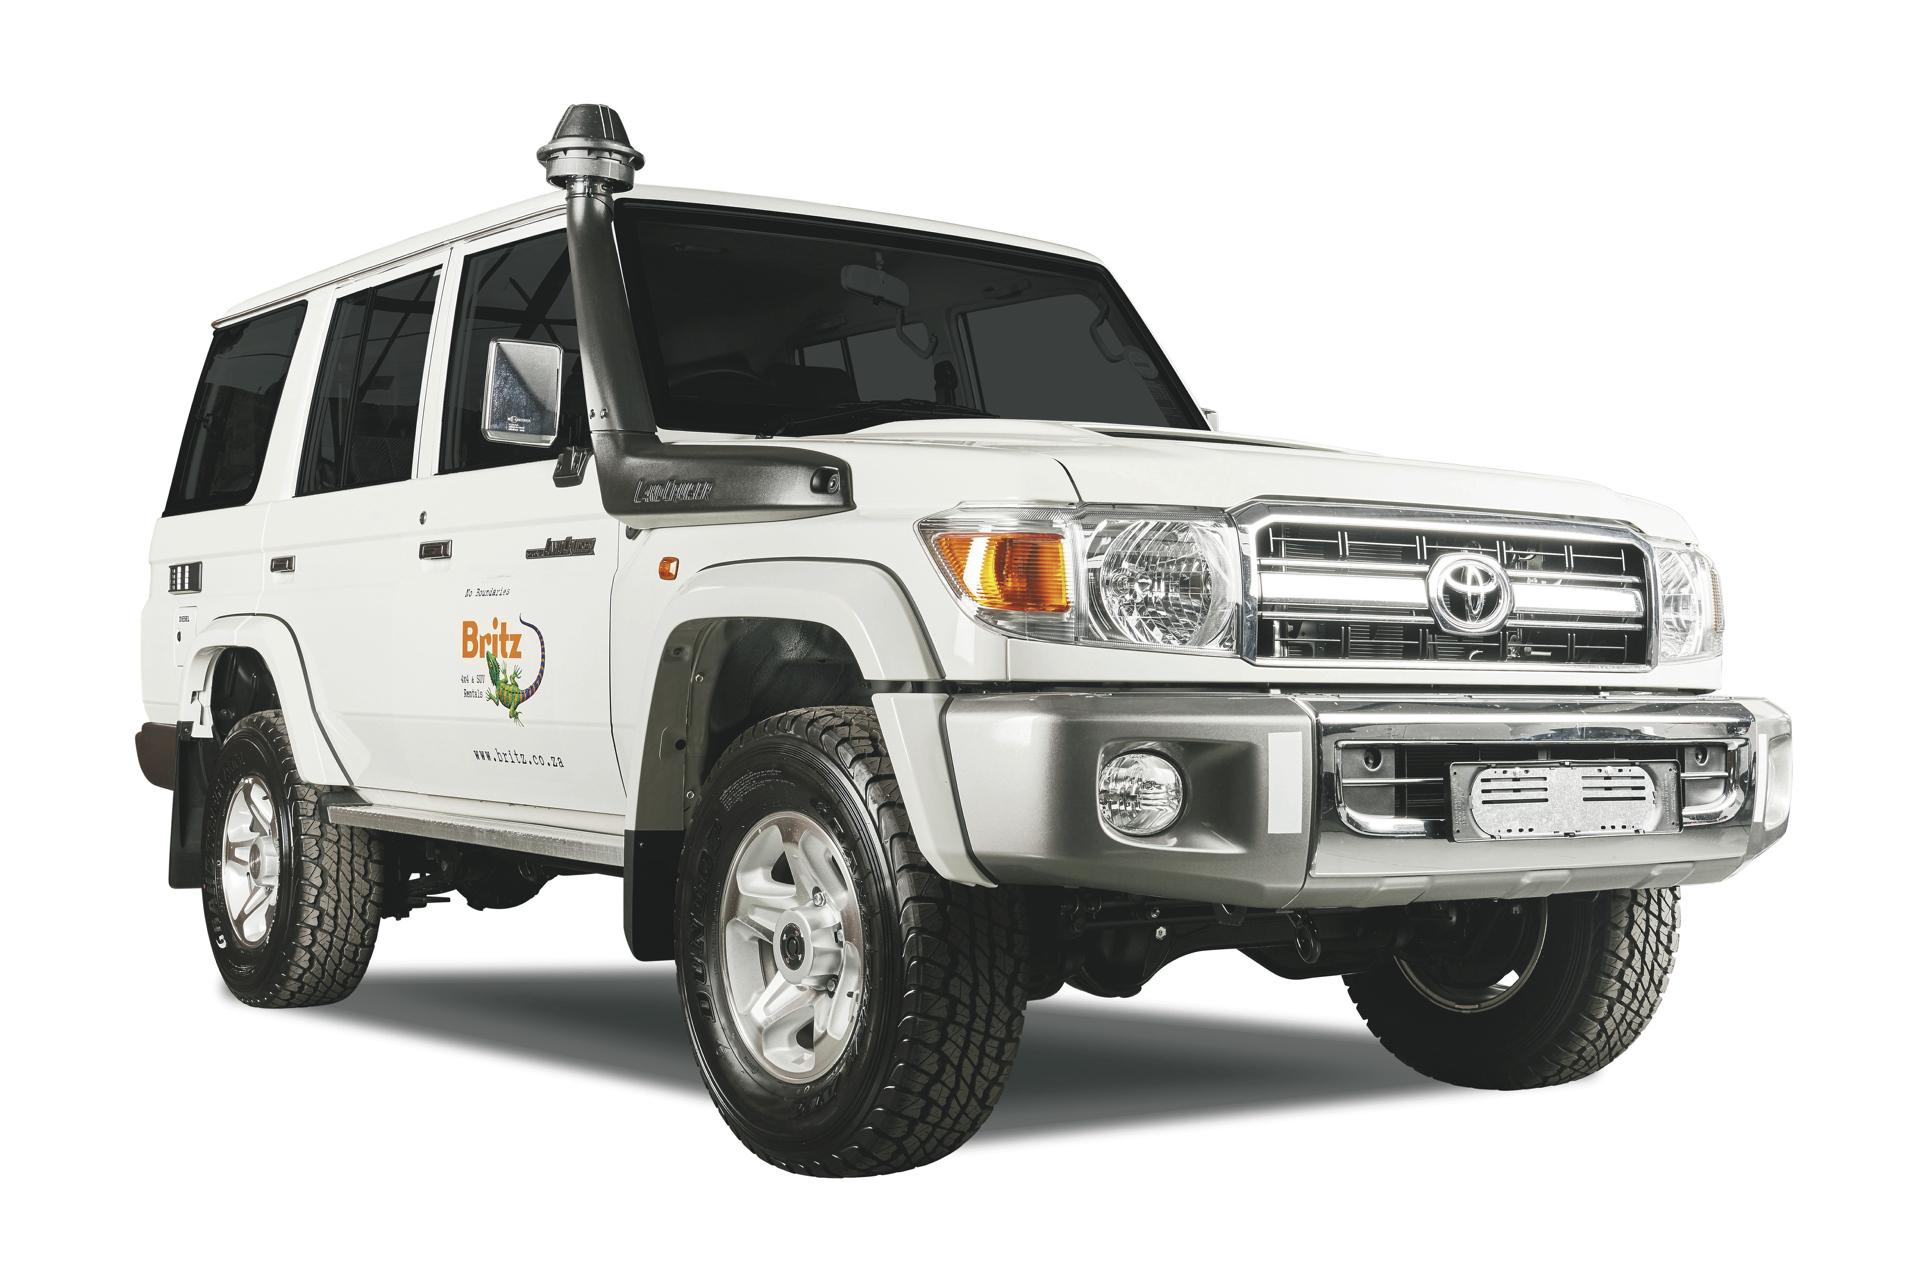 Britz 4x4 Toyota Landcruiser